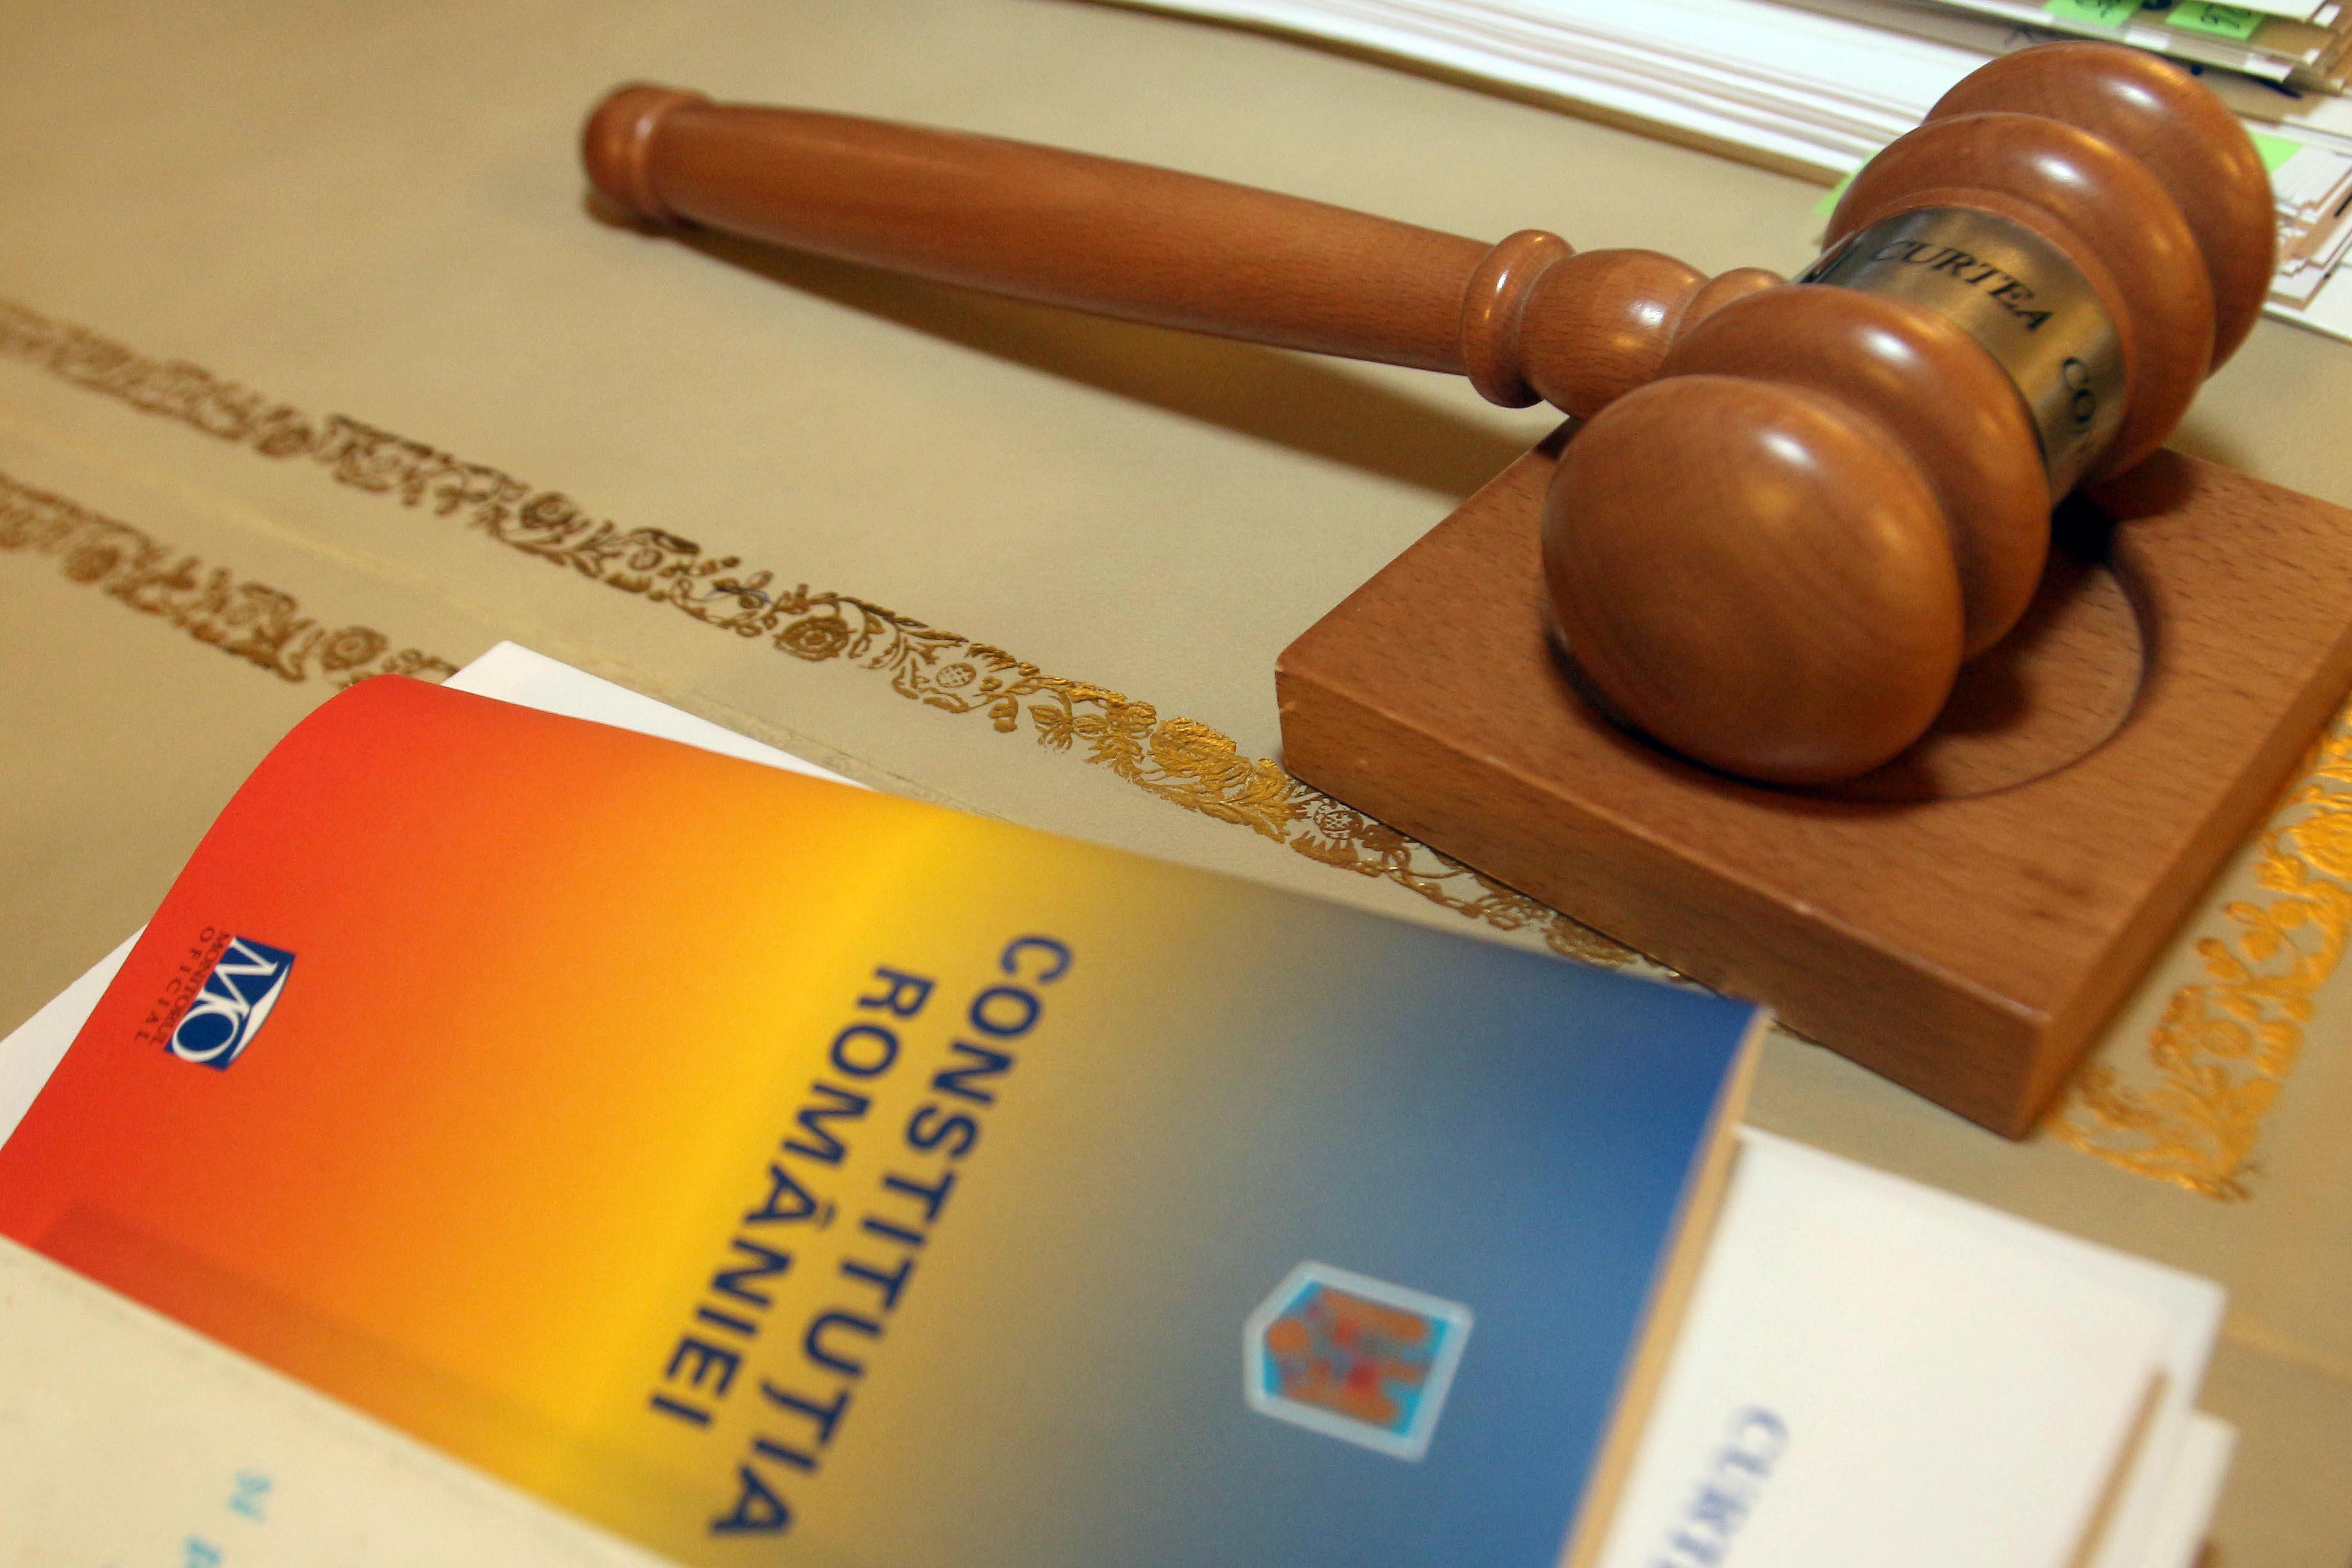 Curtea Constituţională dezbate sesizarea lui Klaus Iohannis privind Statutul funcţionarilor publici, dar şi sesizările PNL şi USR ce privesc înfiinţarea comisiei Iordache